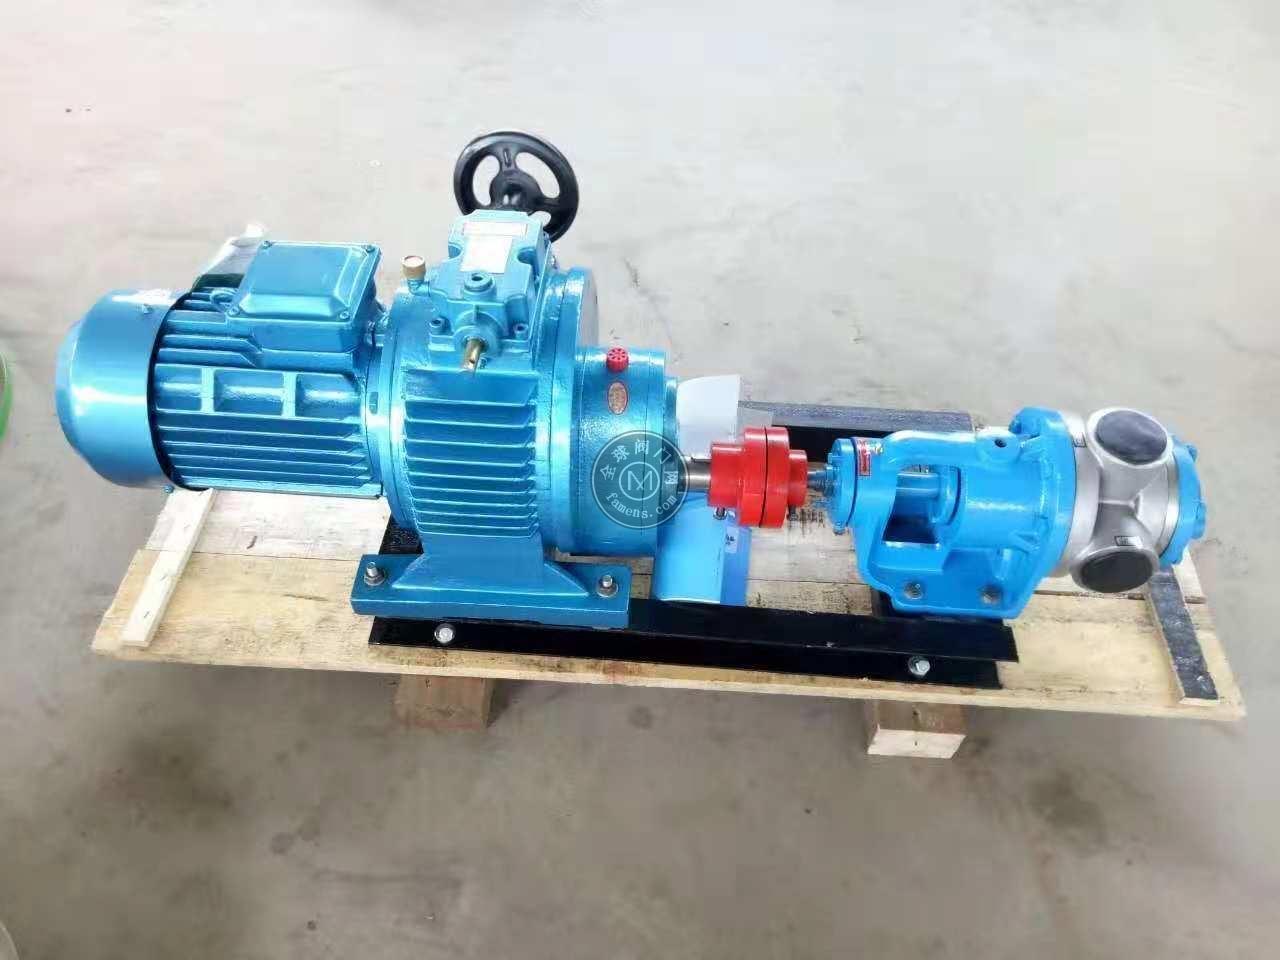 高粘度齿轮泵 内啮合齿轮泵 高粘度不锈钢齿轮泵